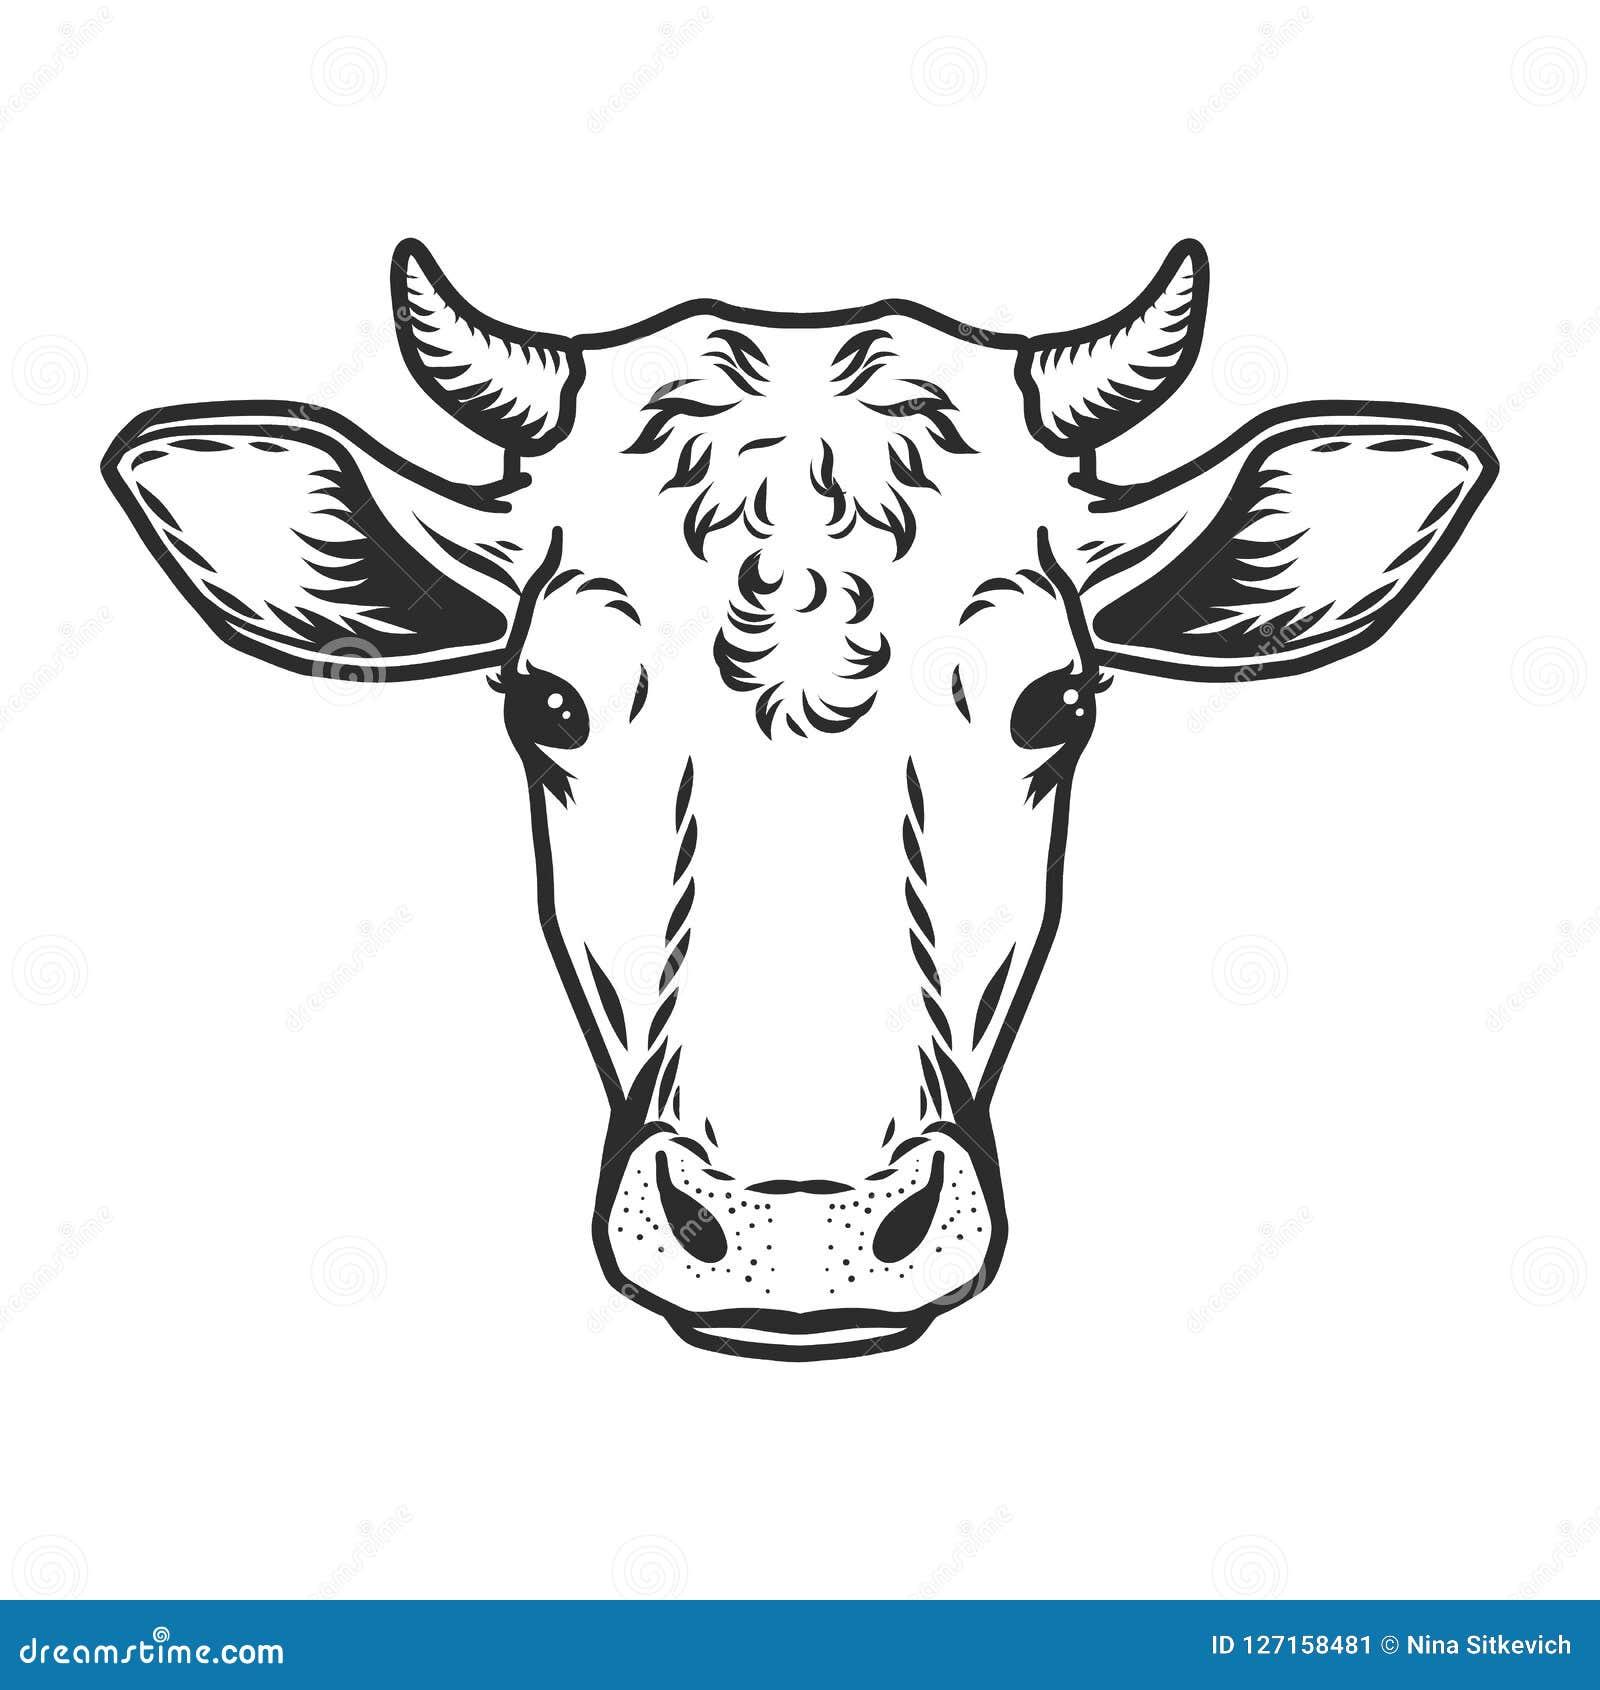 Icone Principale De Vecteur De Vache Style Dessine Par Contour Illustration De Vecteur Illustration Du Vache Icone 127158481